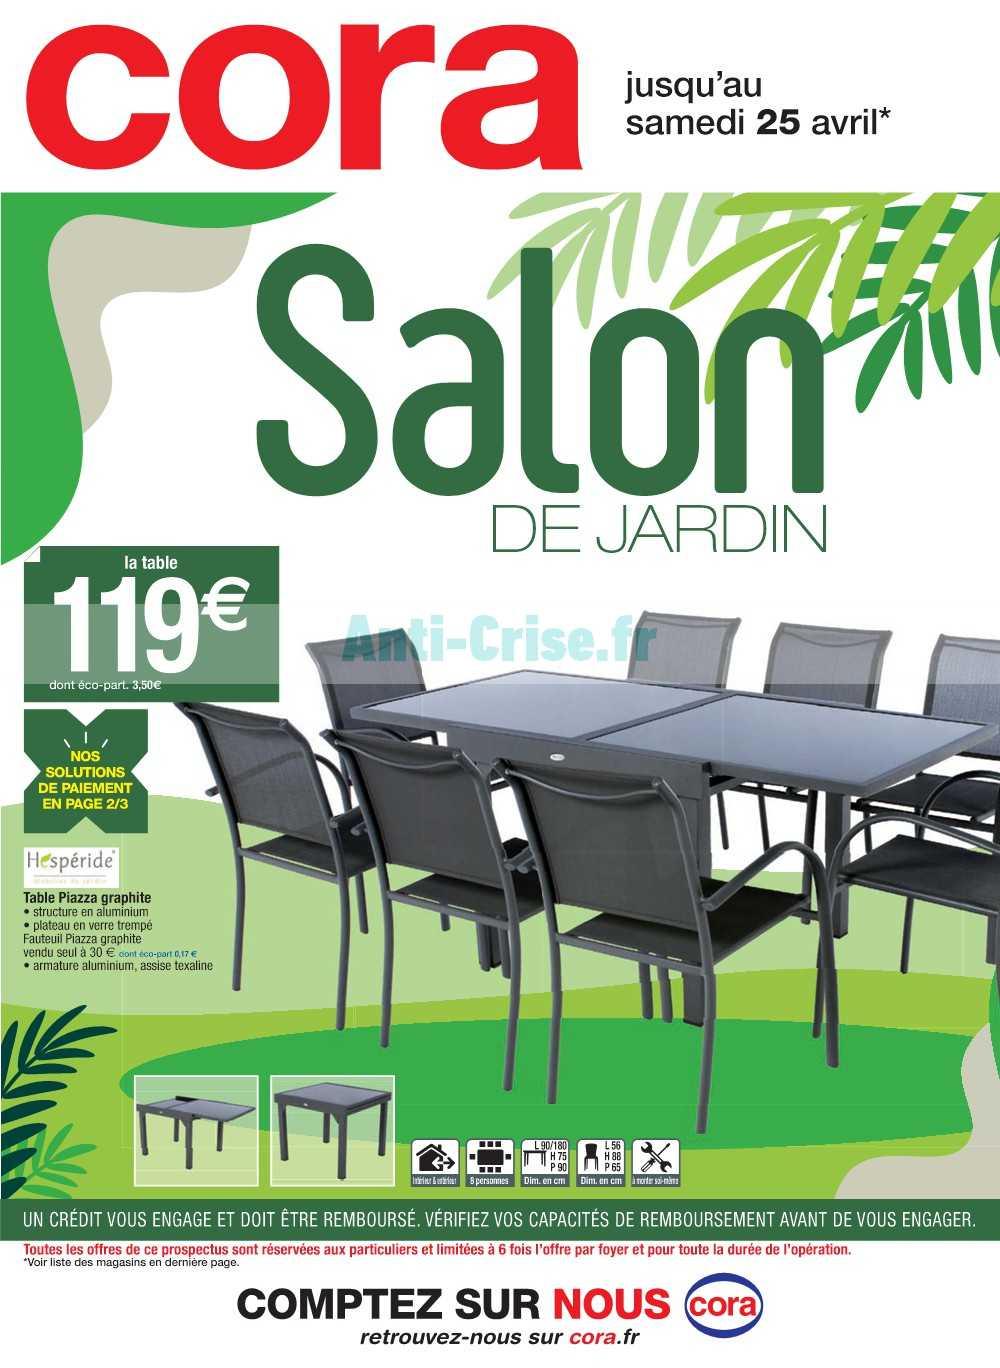 Catalogue Cora Du 07 Au 25 Avril 2020 (Salon De Jardin ... encequiconcerne Salon De Jardin Cora 2020